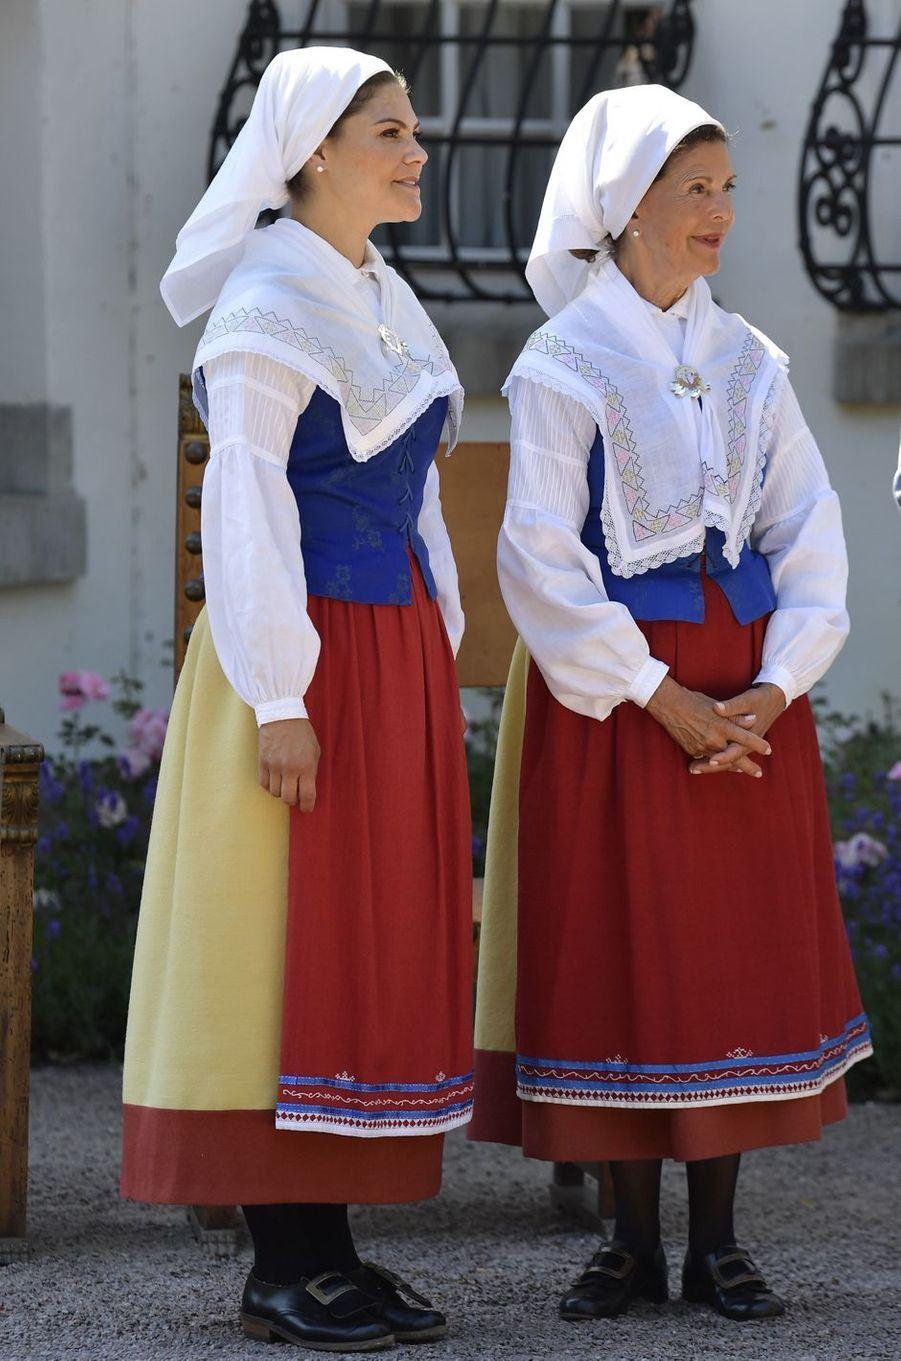 La princesse Victoria et la reine Silvia de Suède, en costume traditionnel, au château de Solliden, le 5 juillet 2018